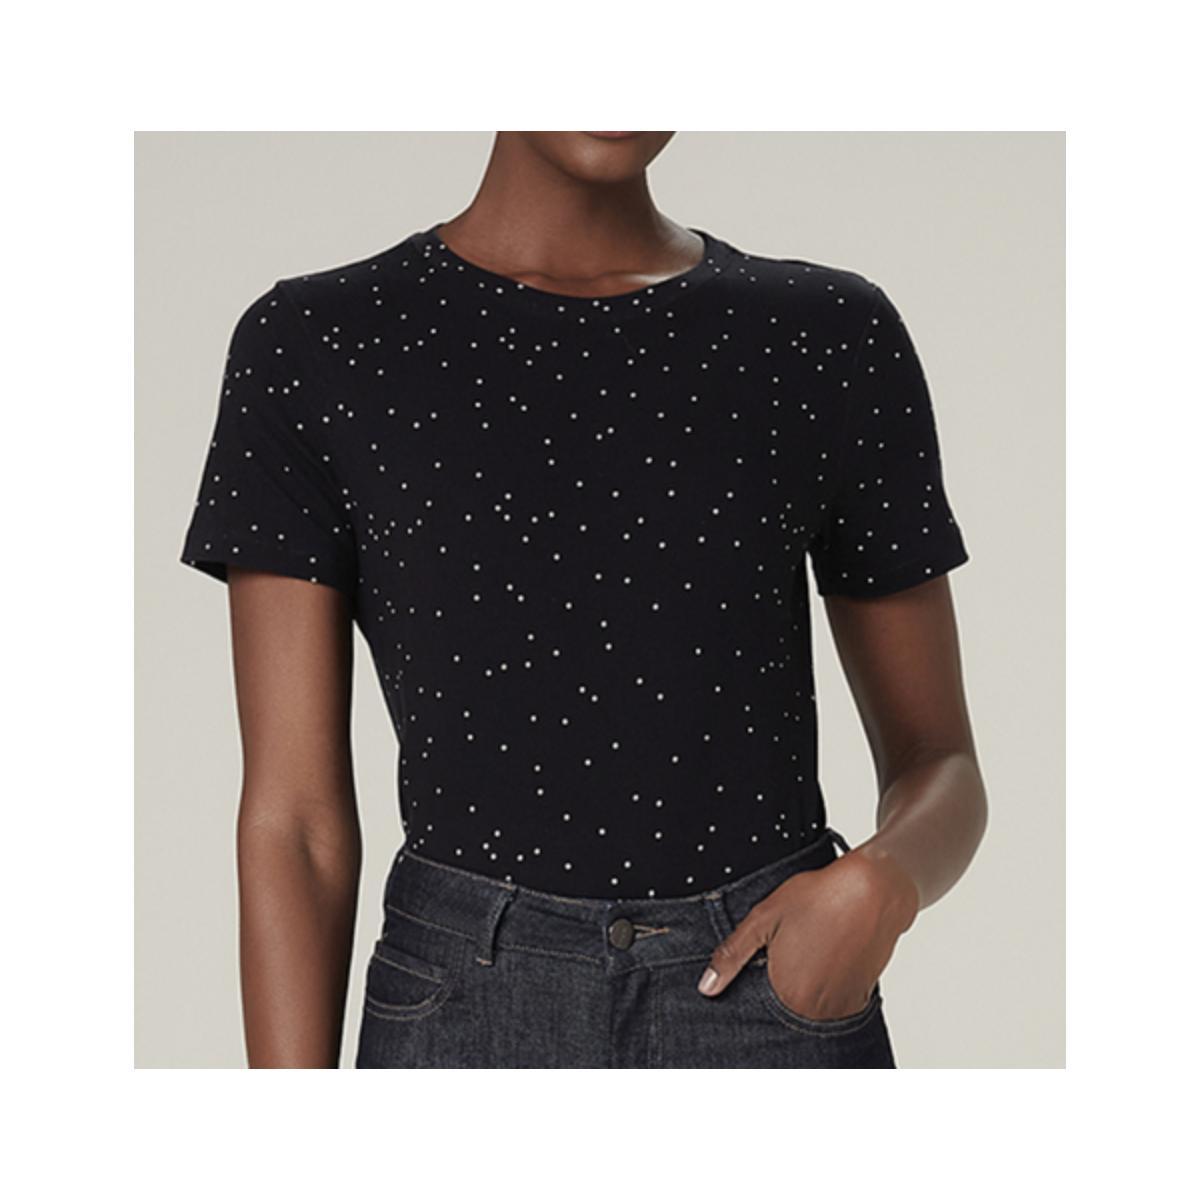 T-shirt Feminino Dzarm 6rz1 12en  Preto/branco